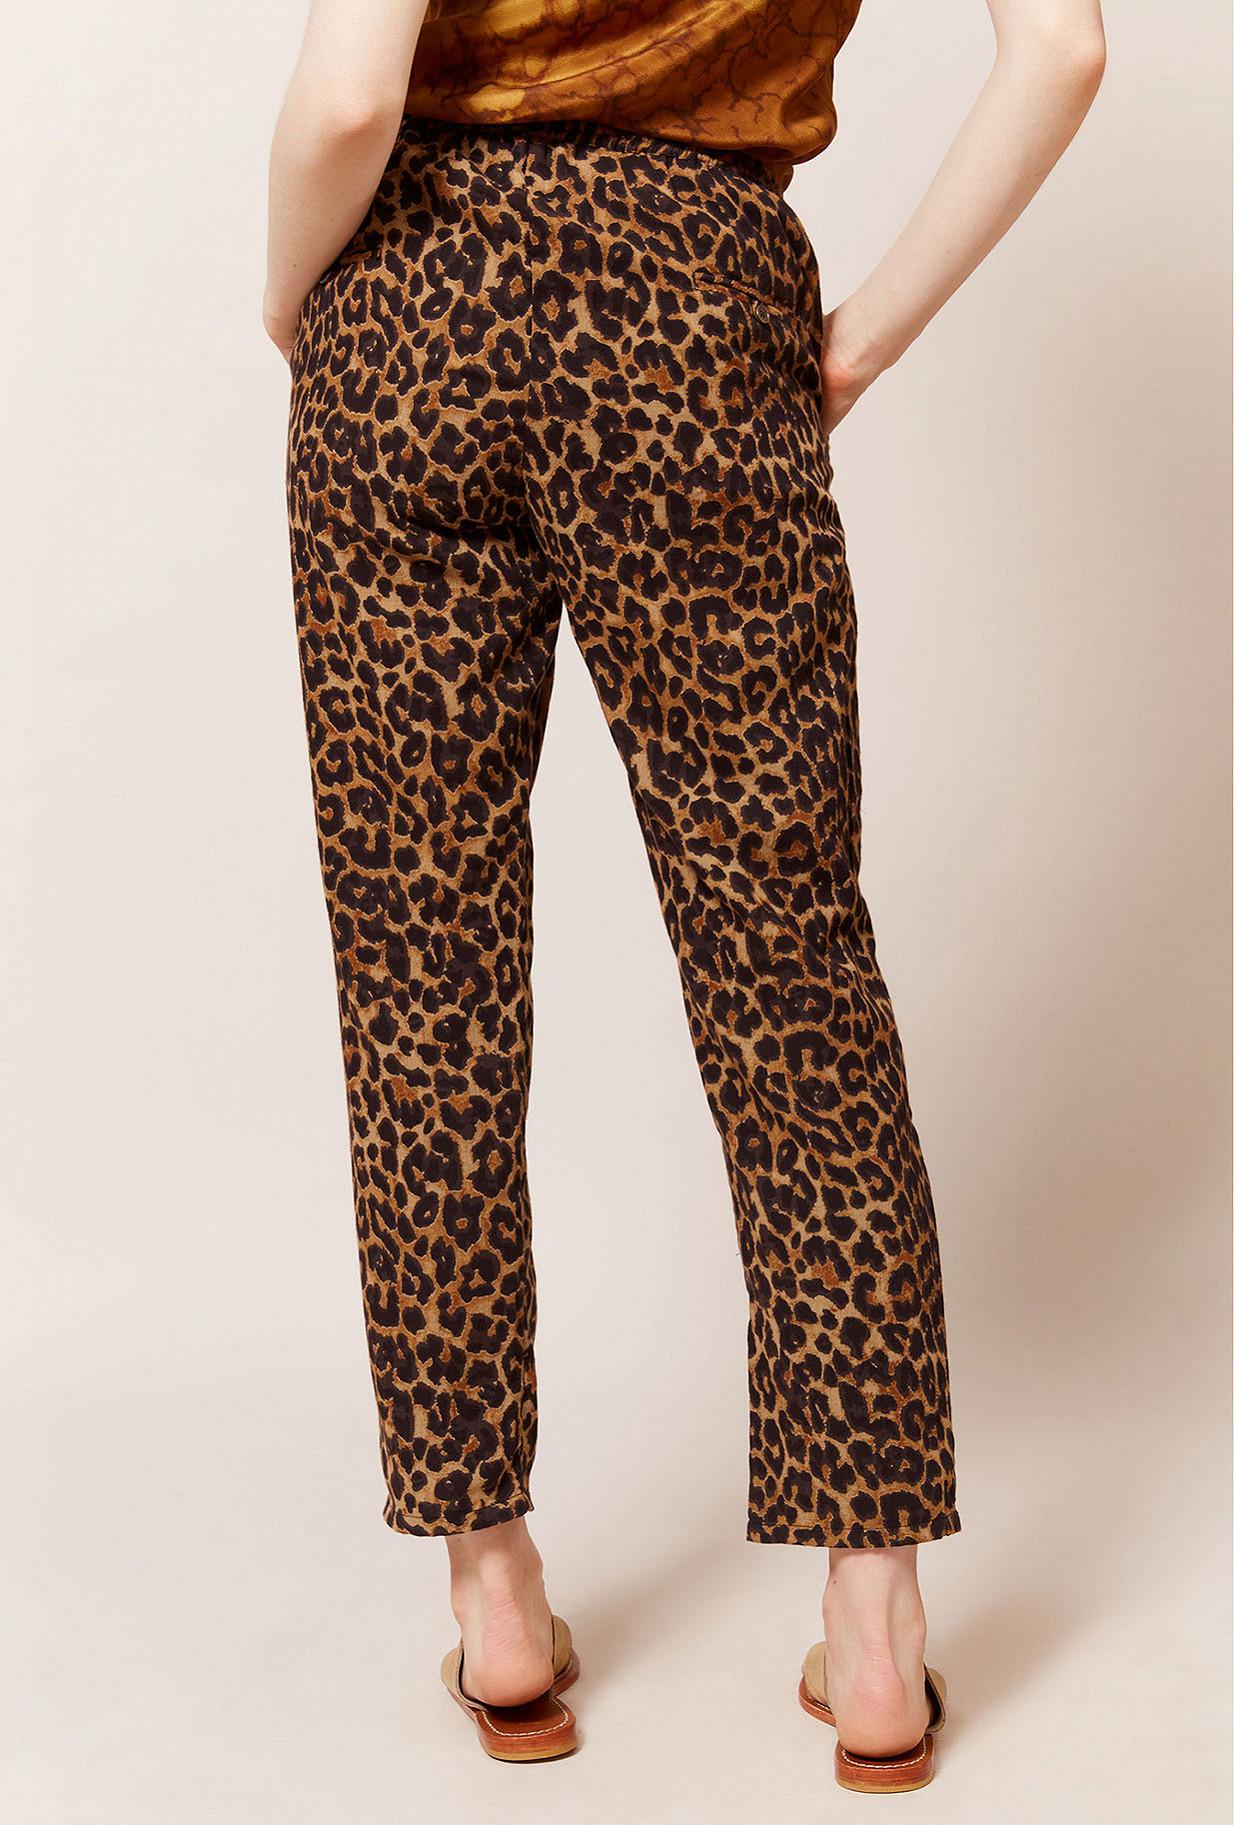 Paris boutique de mode vêtement Pantalon créateur bohème  Fatal